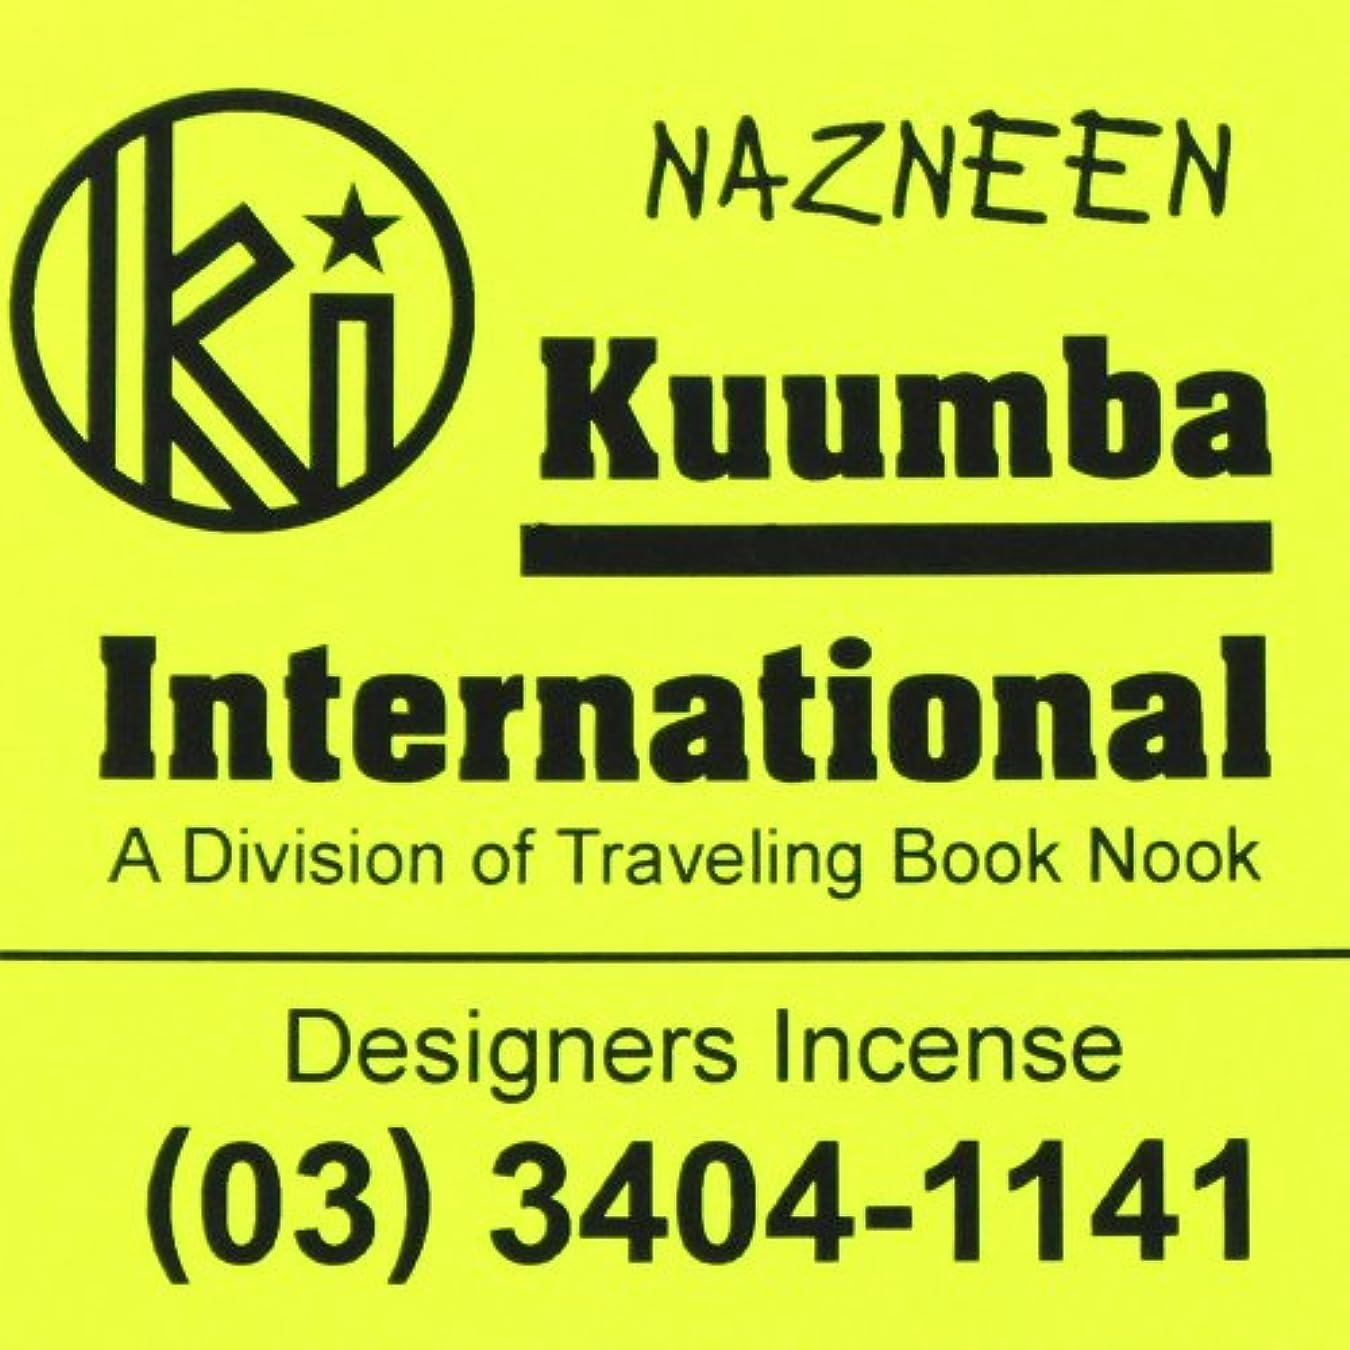 販売員副性差別(クンバ) KUUMBA『classic regular incense』(NAZNEEN) (Regular size)